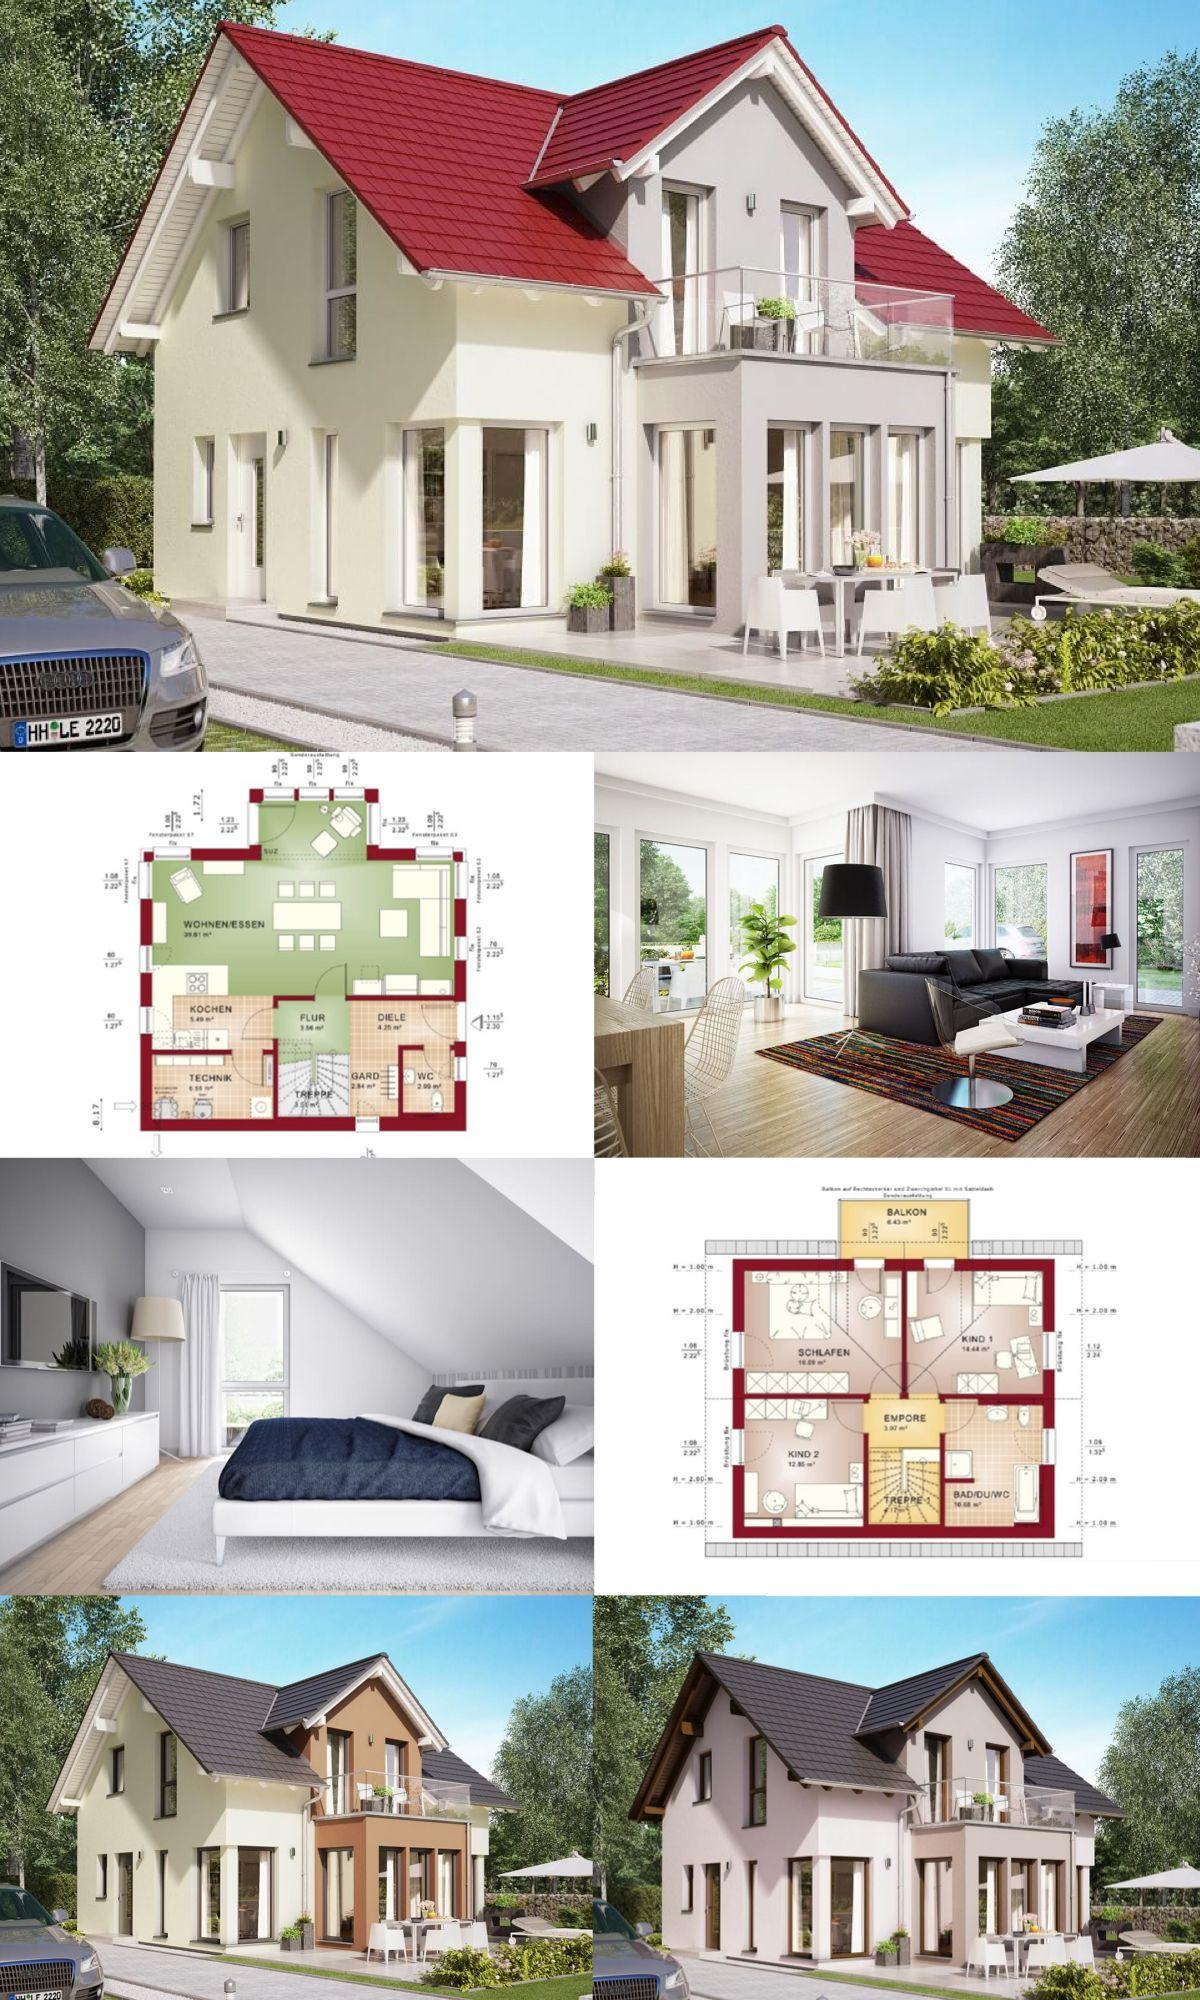 Einfamilienhaus satteldach grundriss offen modern haus for Moderne inneneinrichtung haus